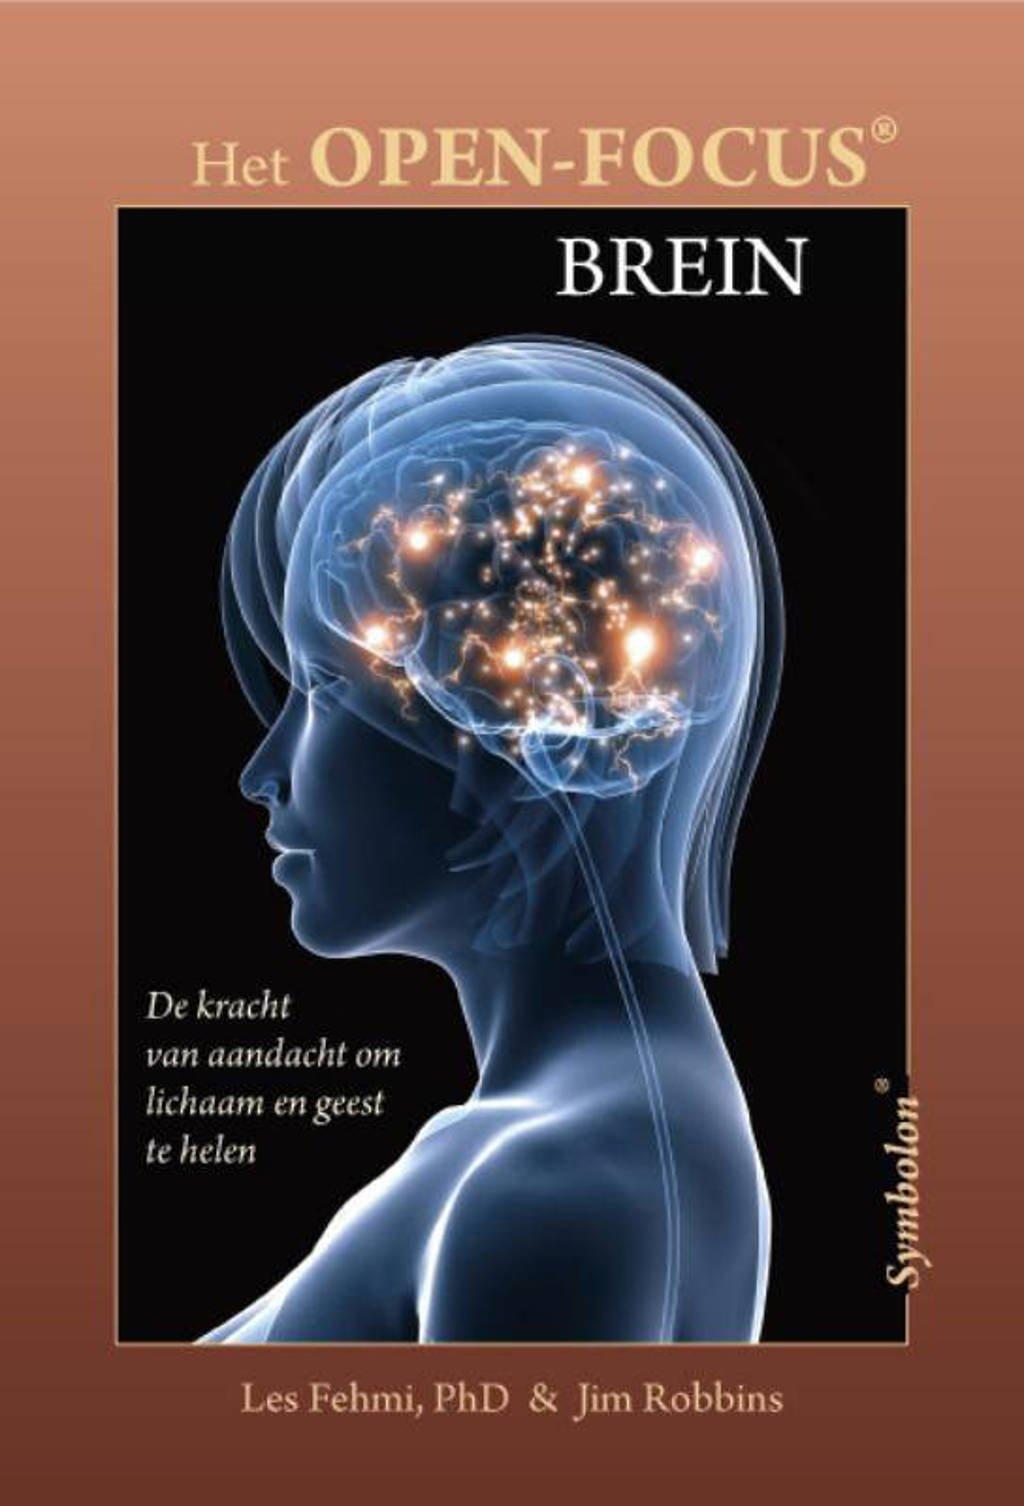 Het Open-Focus brein - Les Fehmi en Jim Robbins